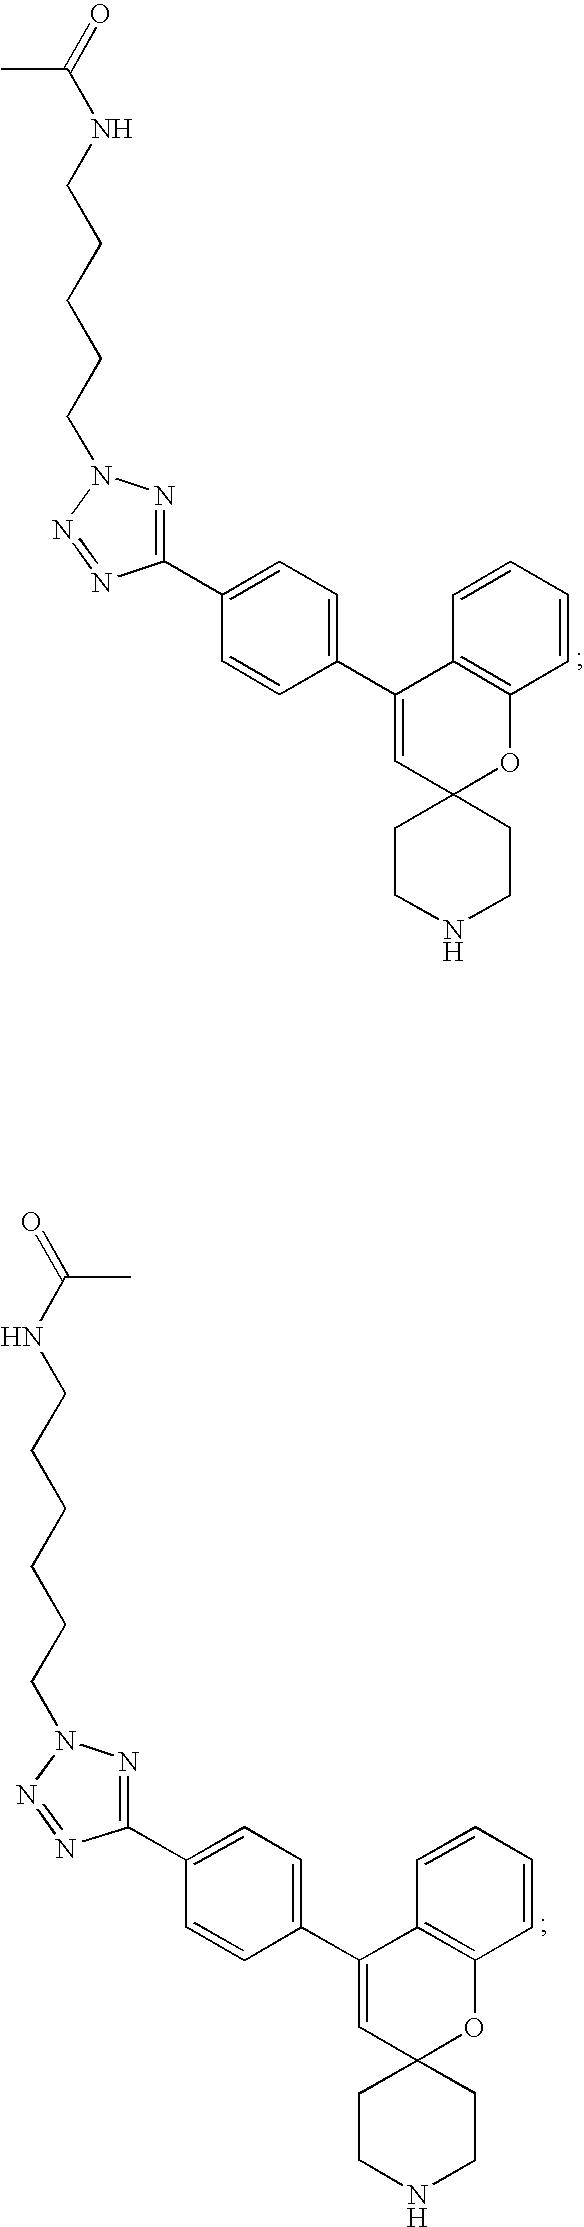 Figure US07598261-20091006-C00105